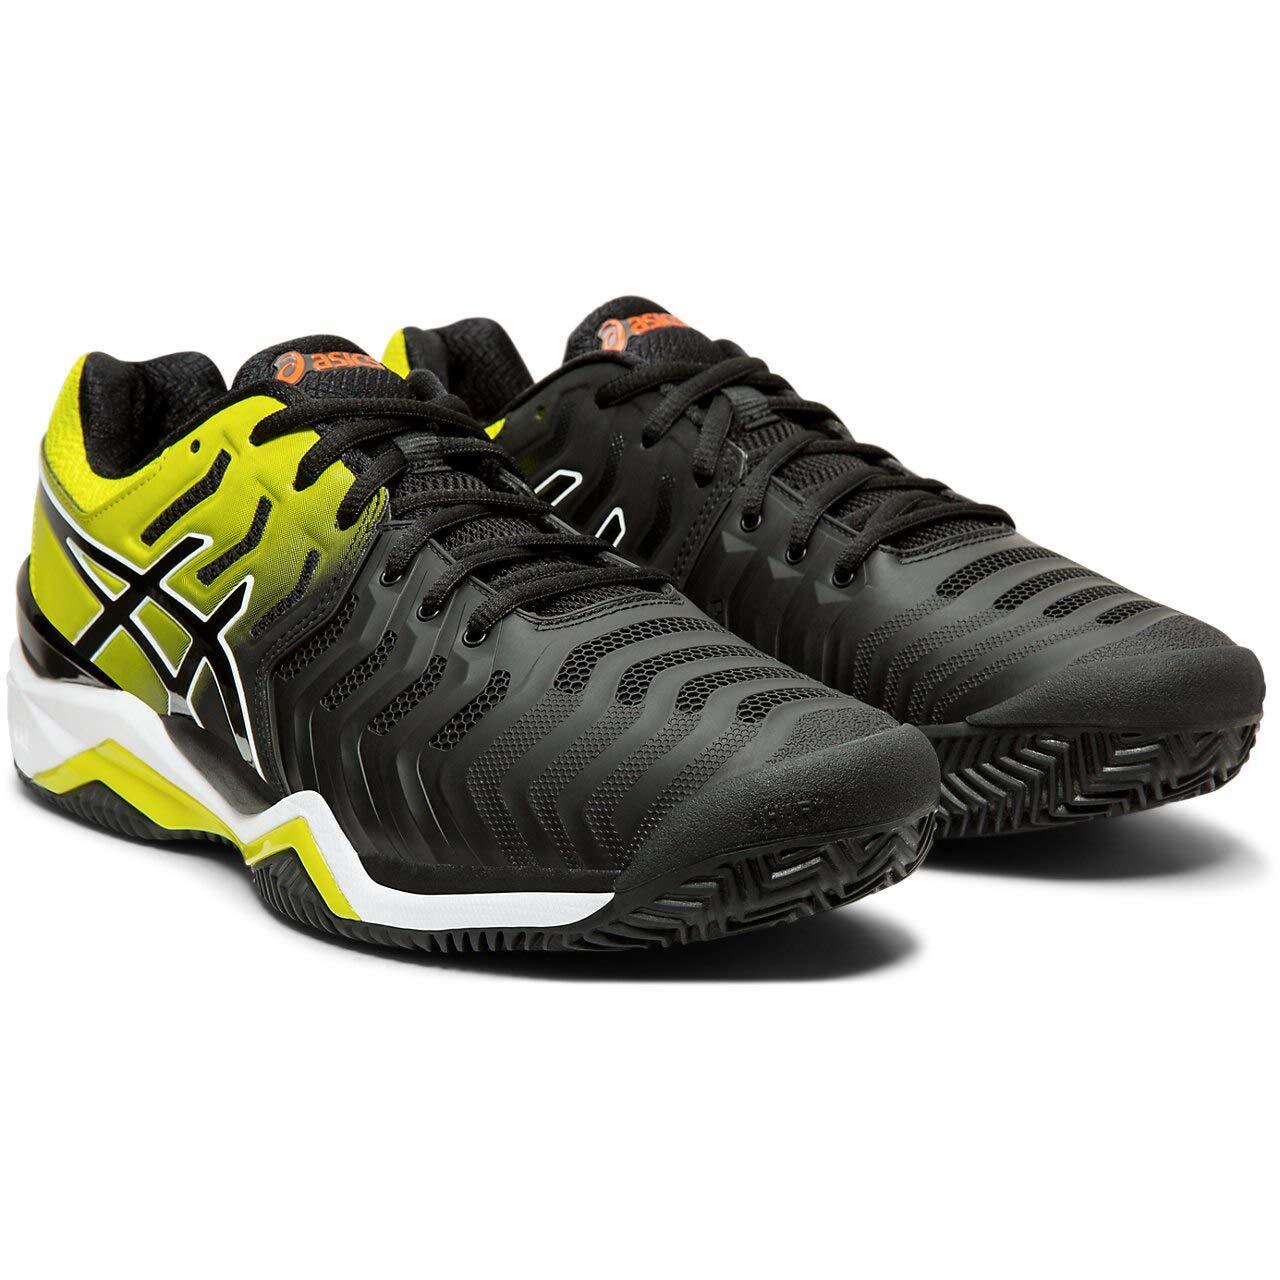 Noir jaune 39 EU ASICS Gel-Resolution 7 Clay, Chaussures de Tennis Homme